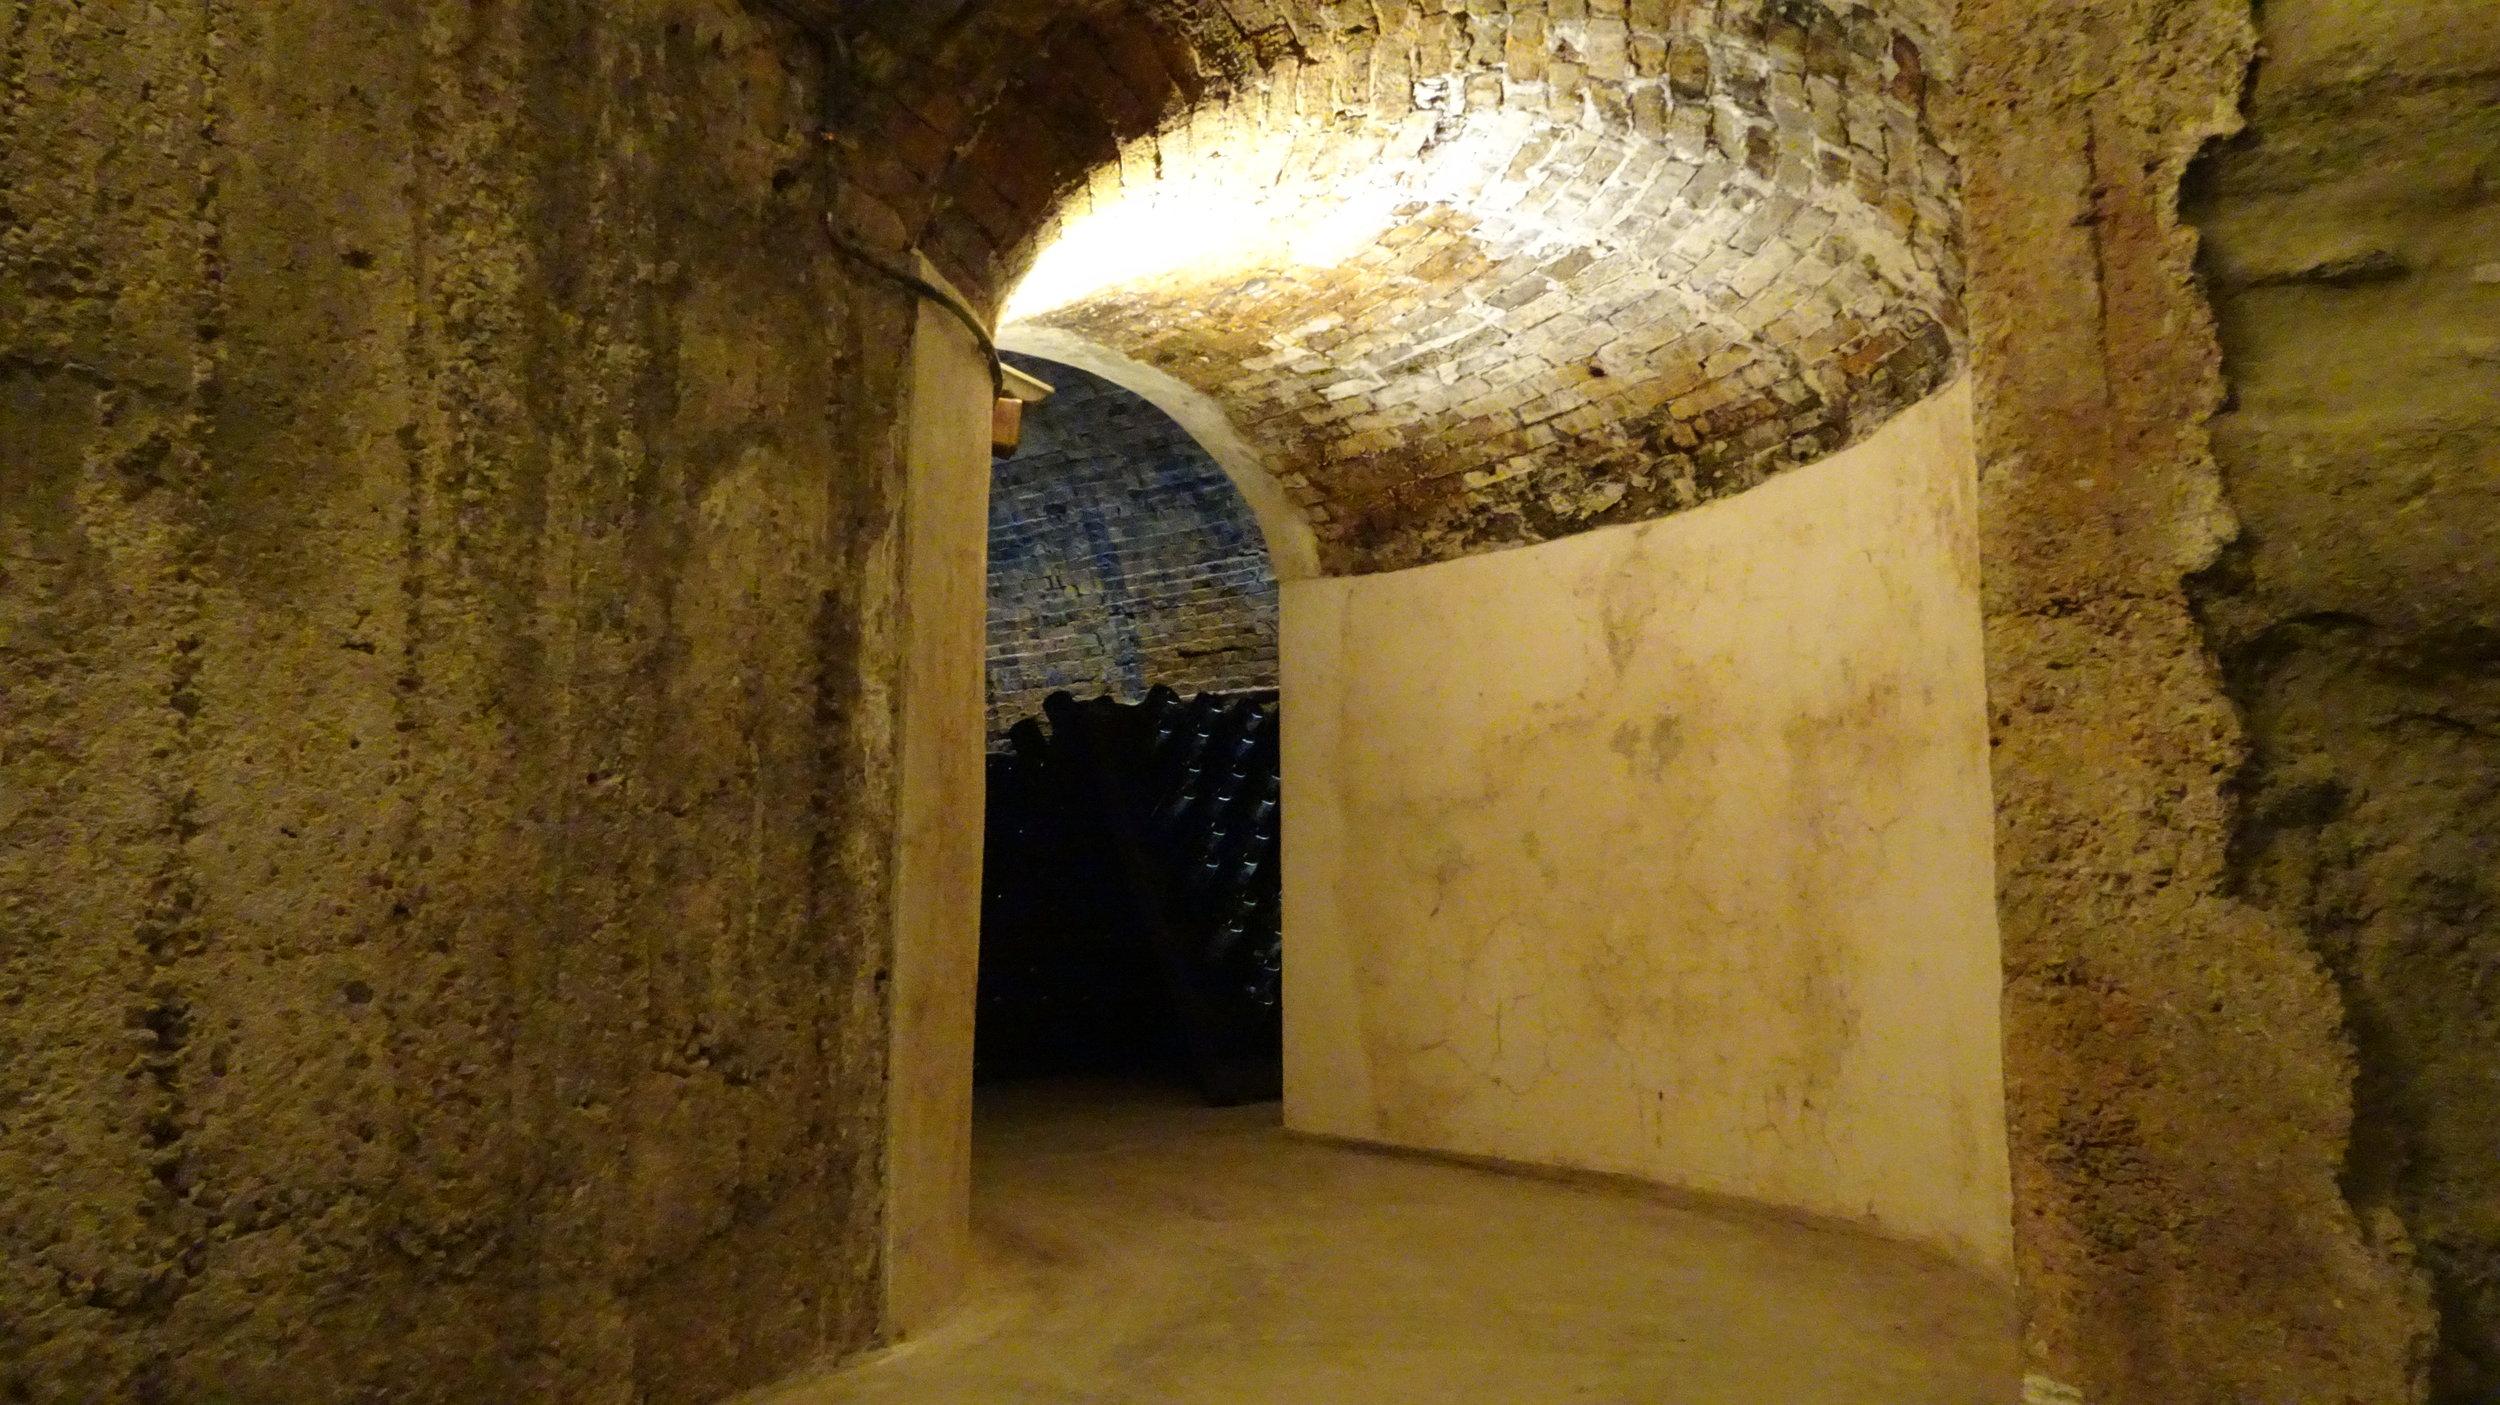 Cantine da visitare - Patrimonio Unesco